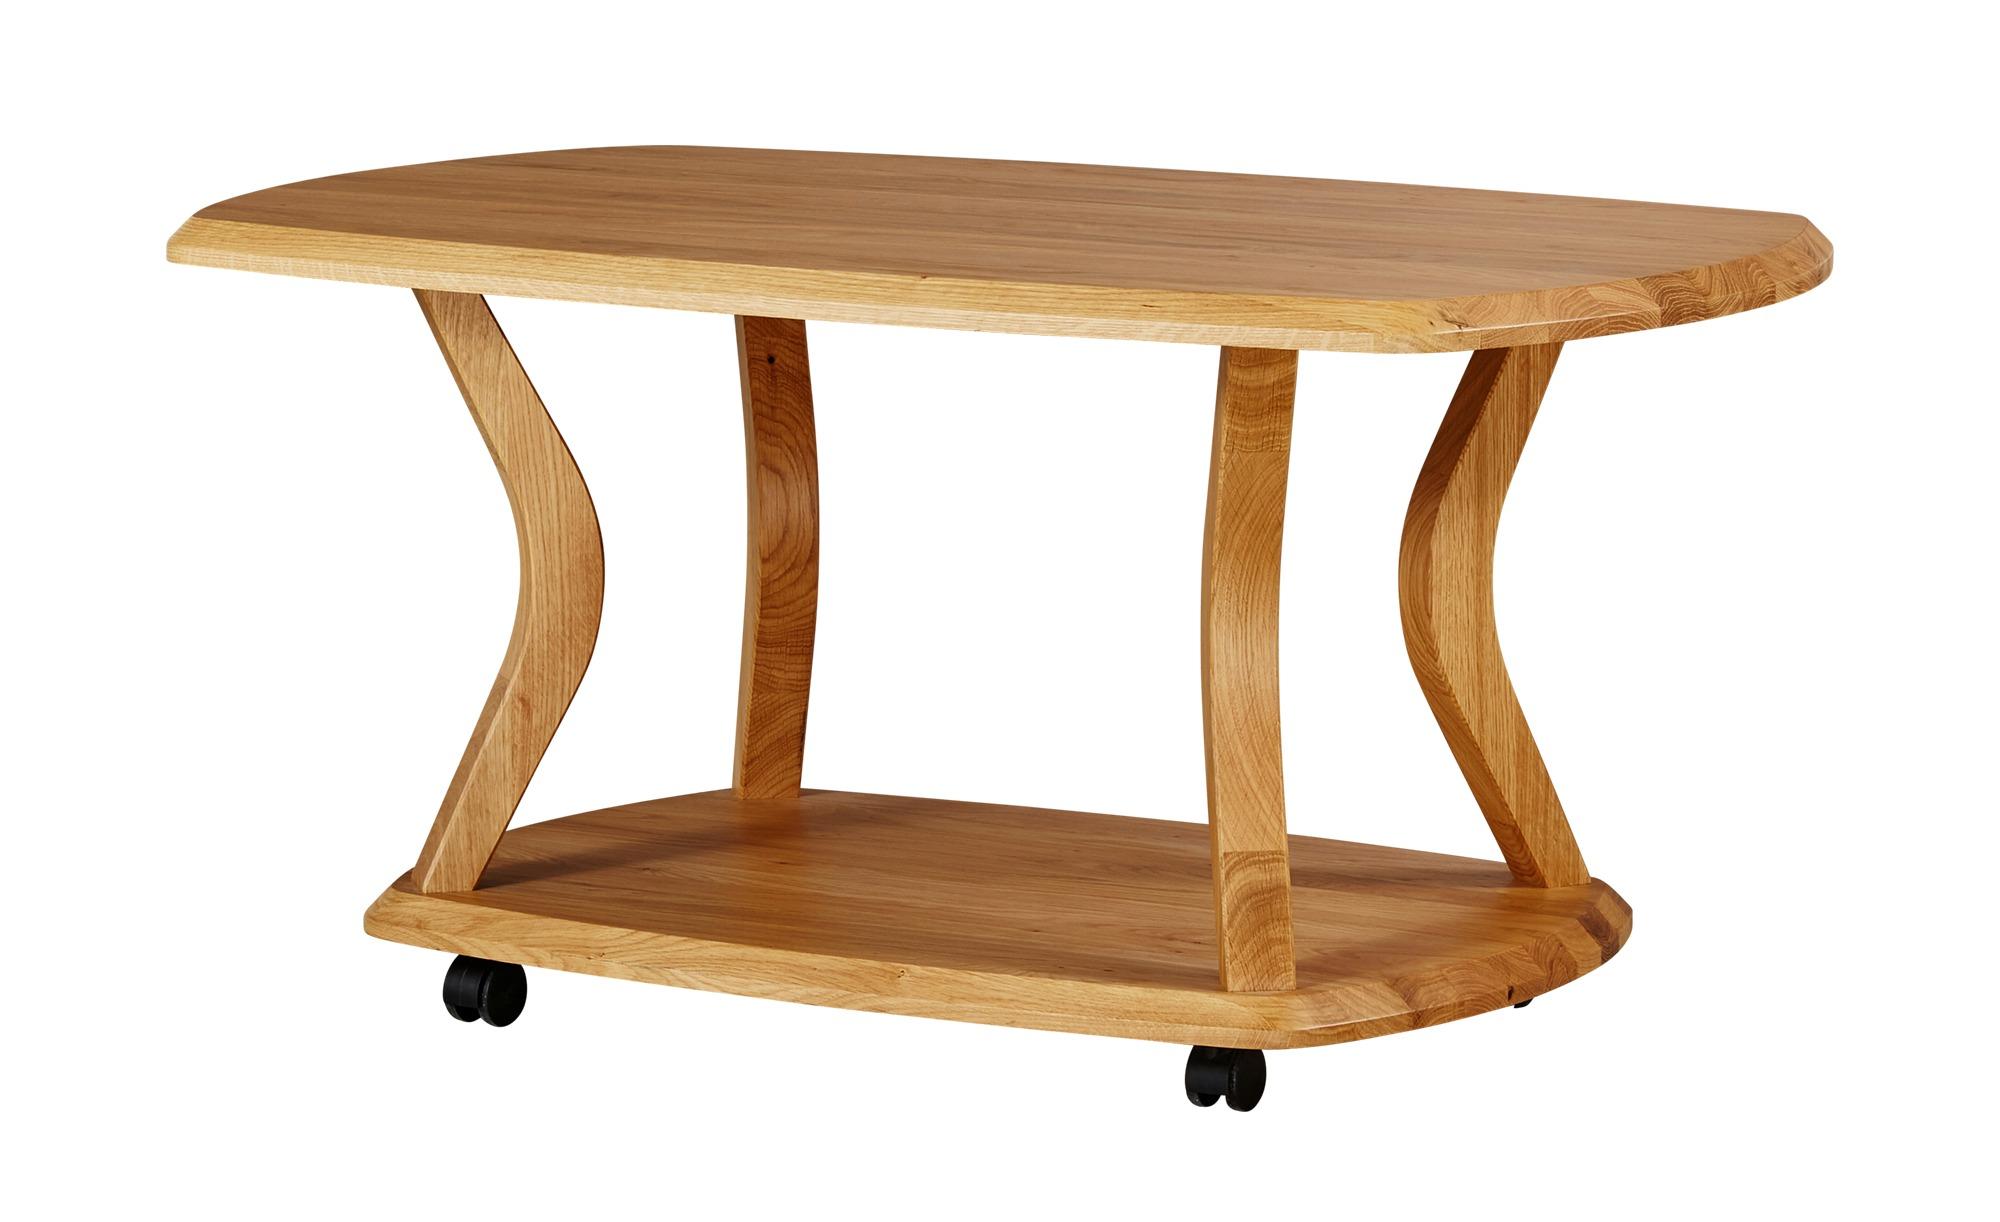 Couchtisch  Heka ¦ holzfarben ¦ Maße (cm): B: 100 H: 48 T: 60 Tische > Couchtische > Couchtisch Massivholz - Höffner   Wohnzimmer > Tische   Holzfarben   Holz   Möbel Höffner DE